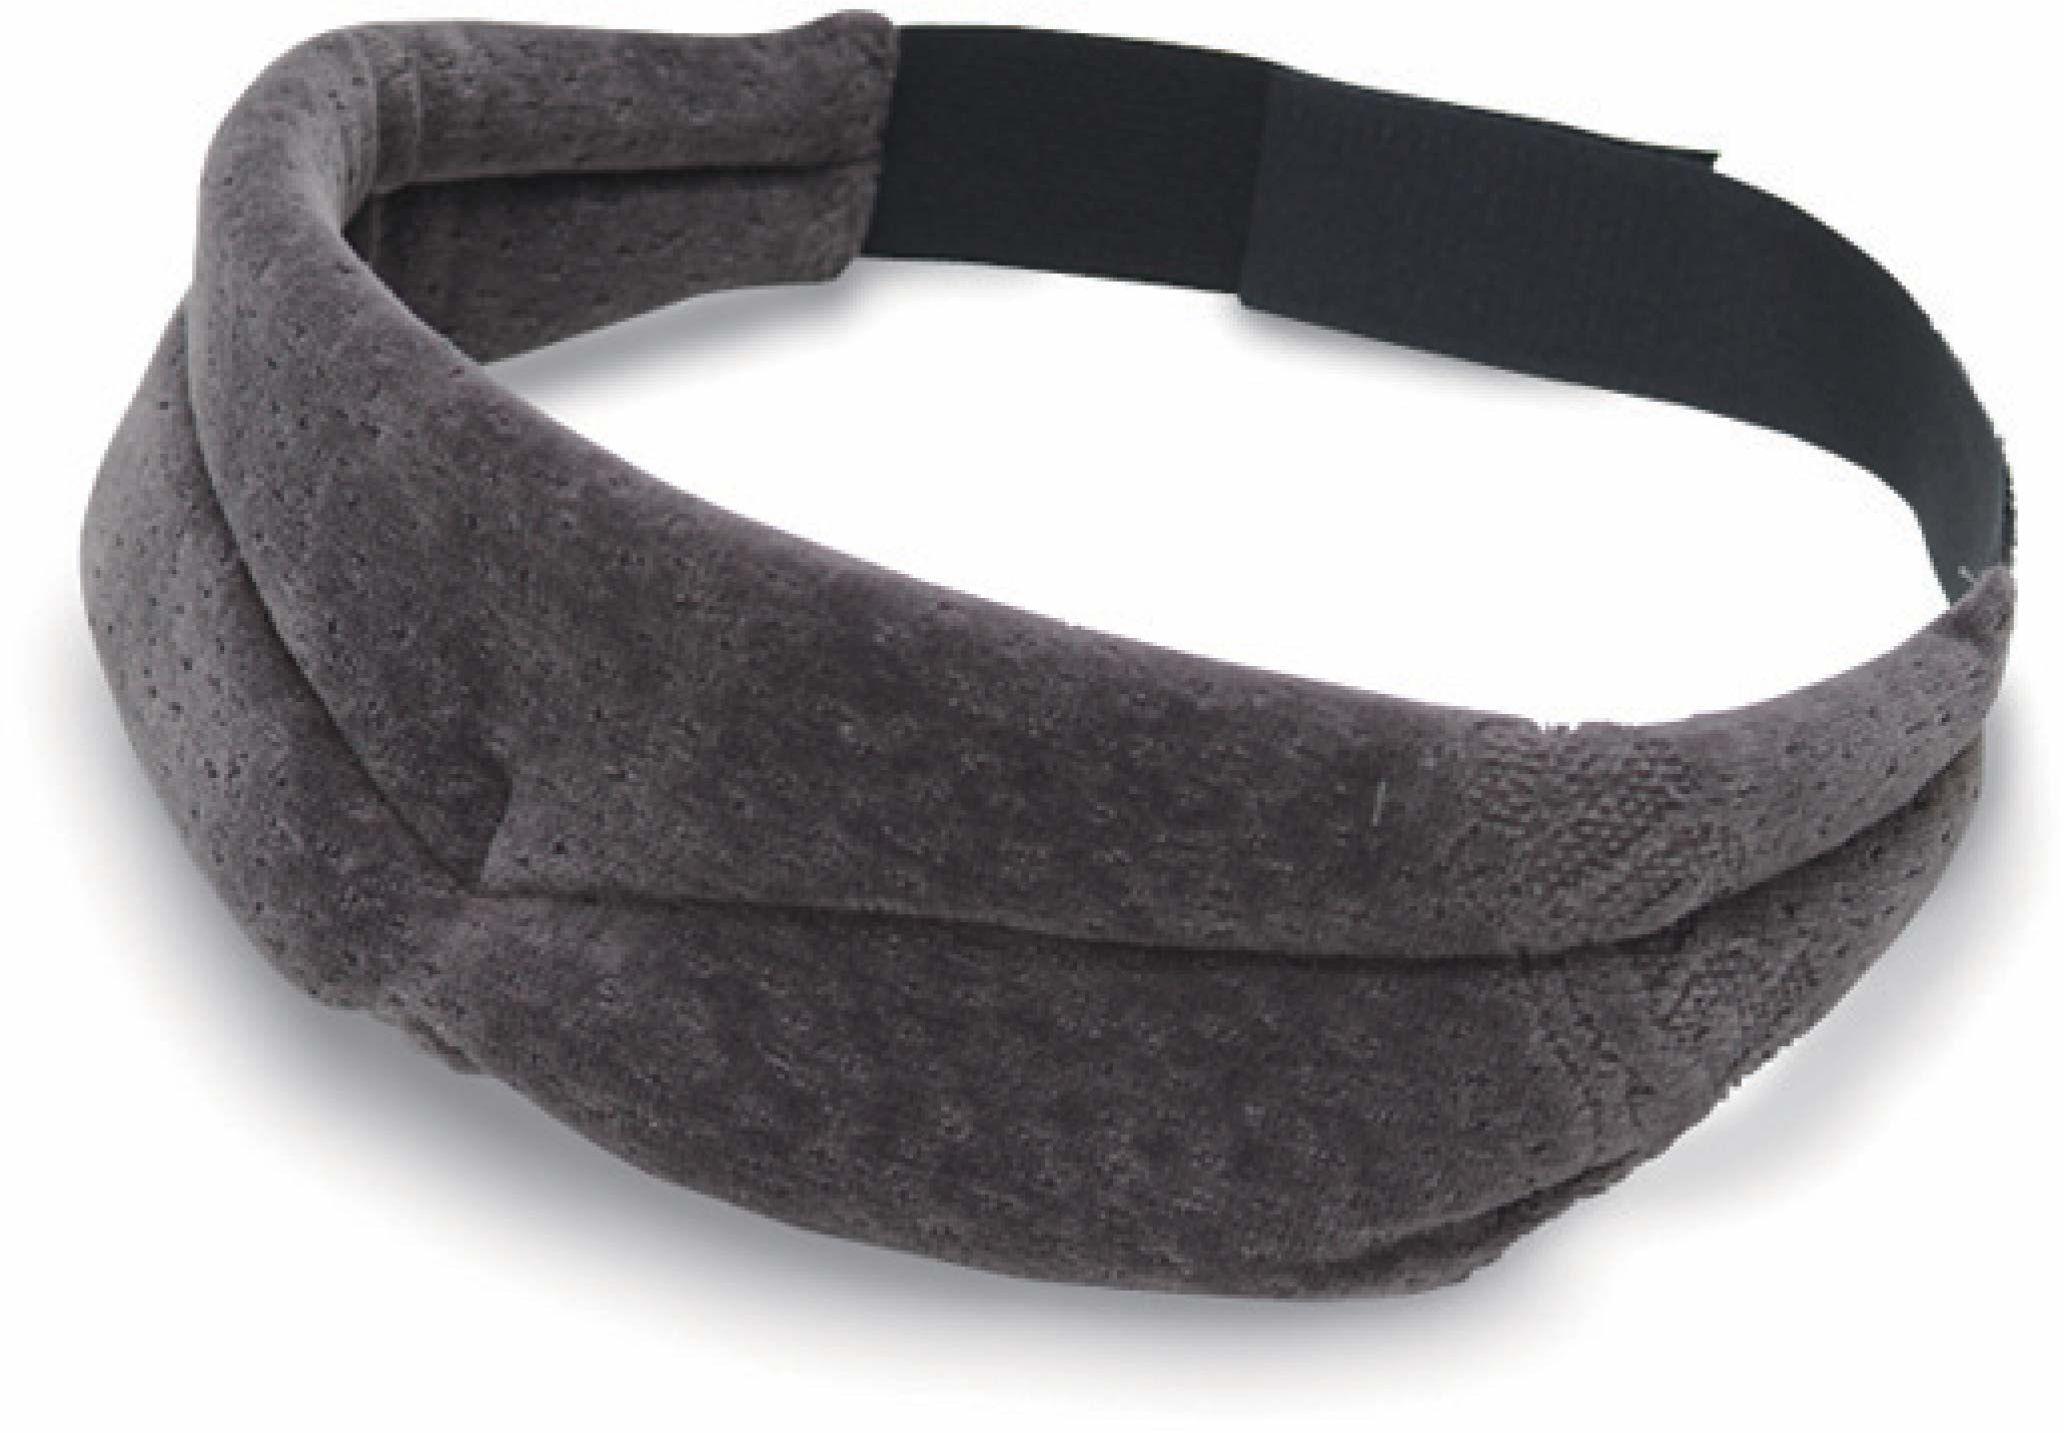 TEMPUR Maska do spania dla kobiet i mężczyzn, nieprzezroczyste, regulowane okulary do spania dla głębokiego relaksu